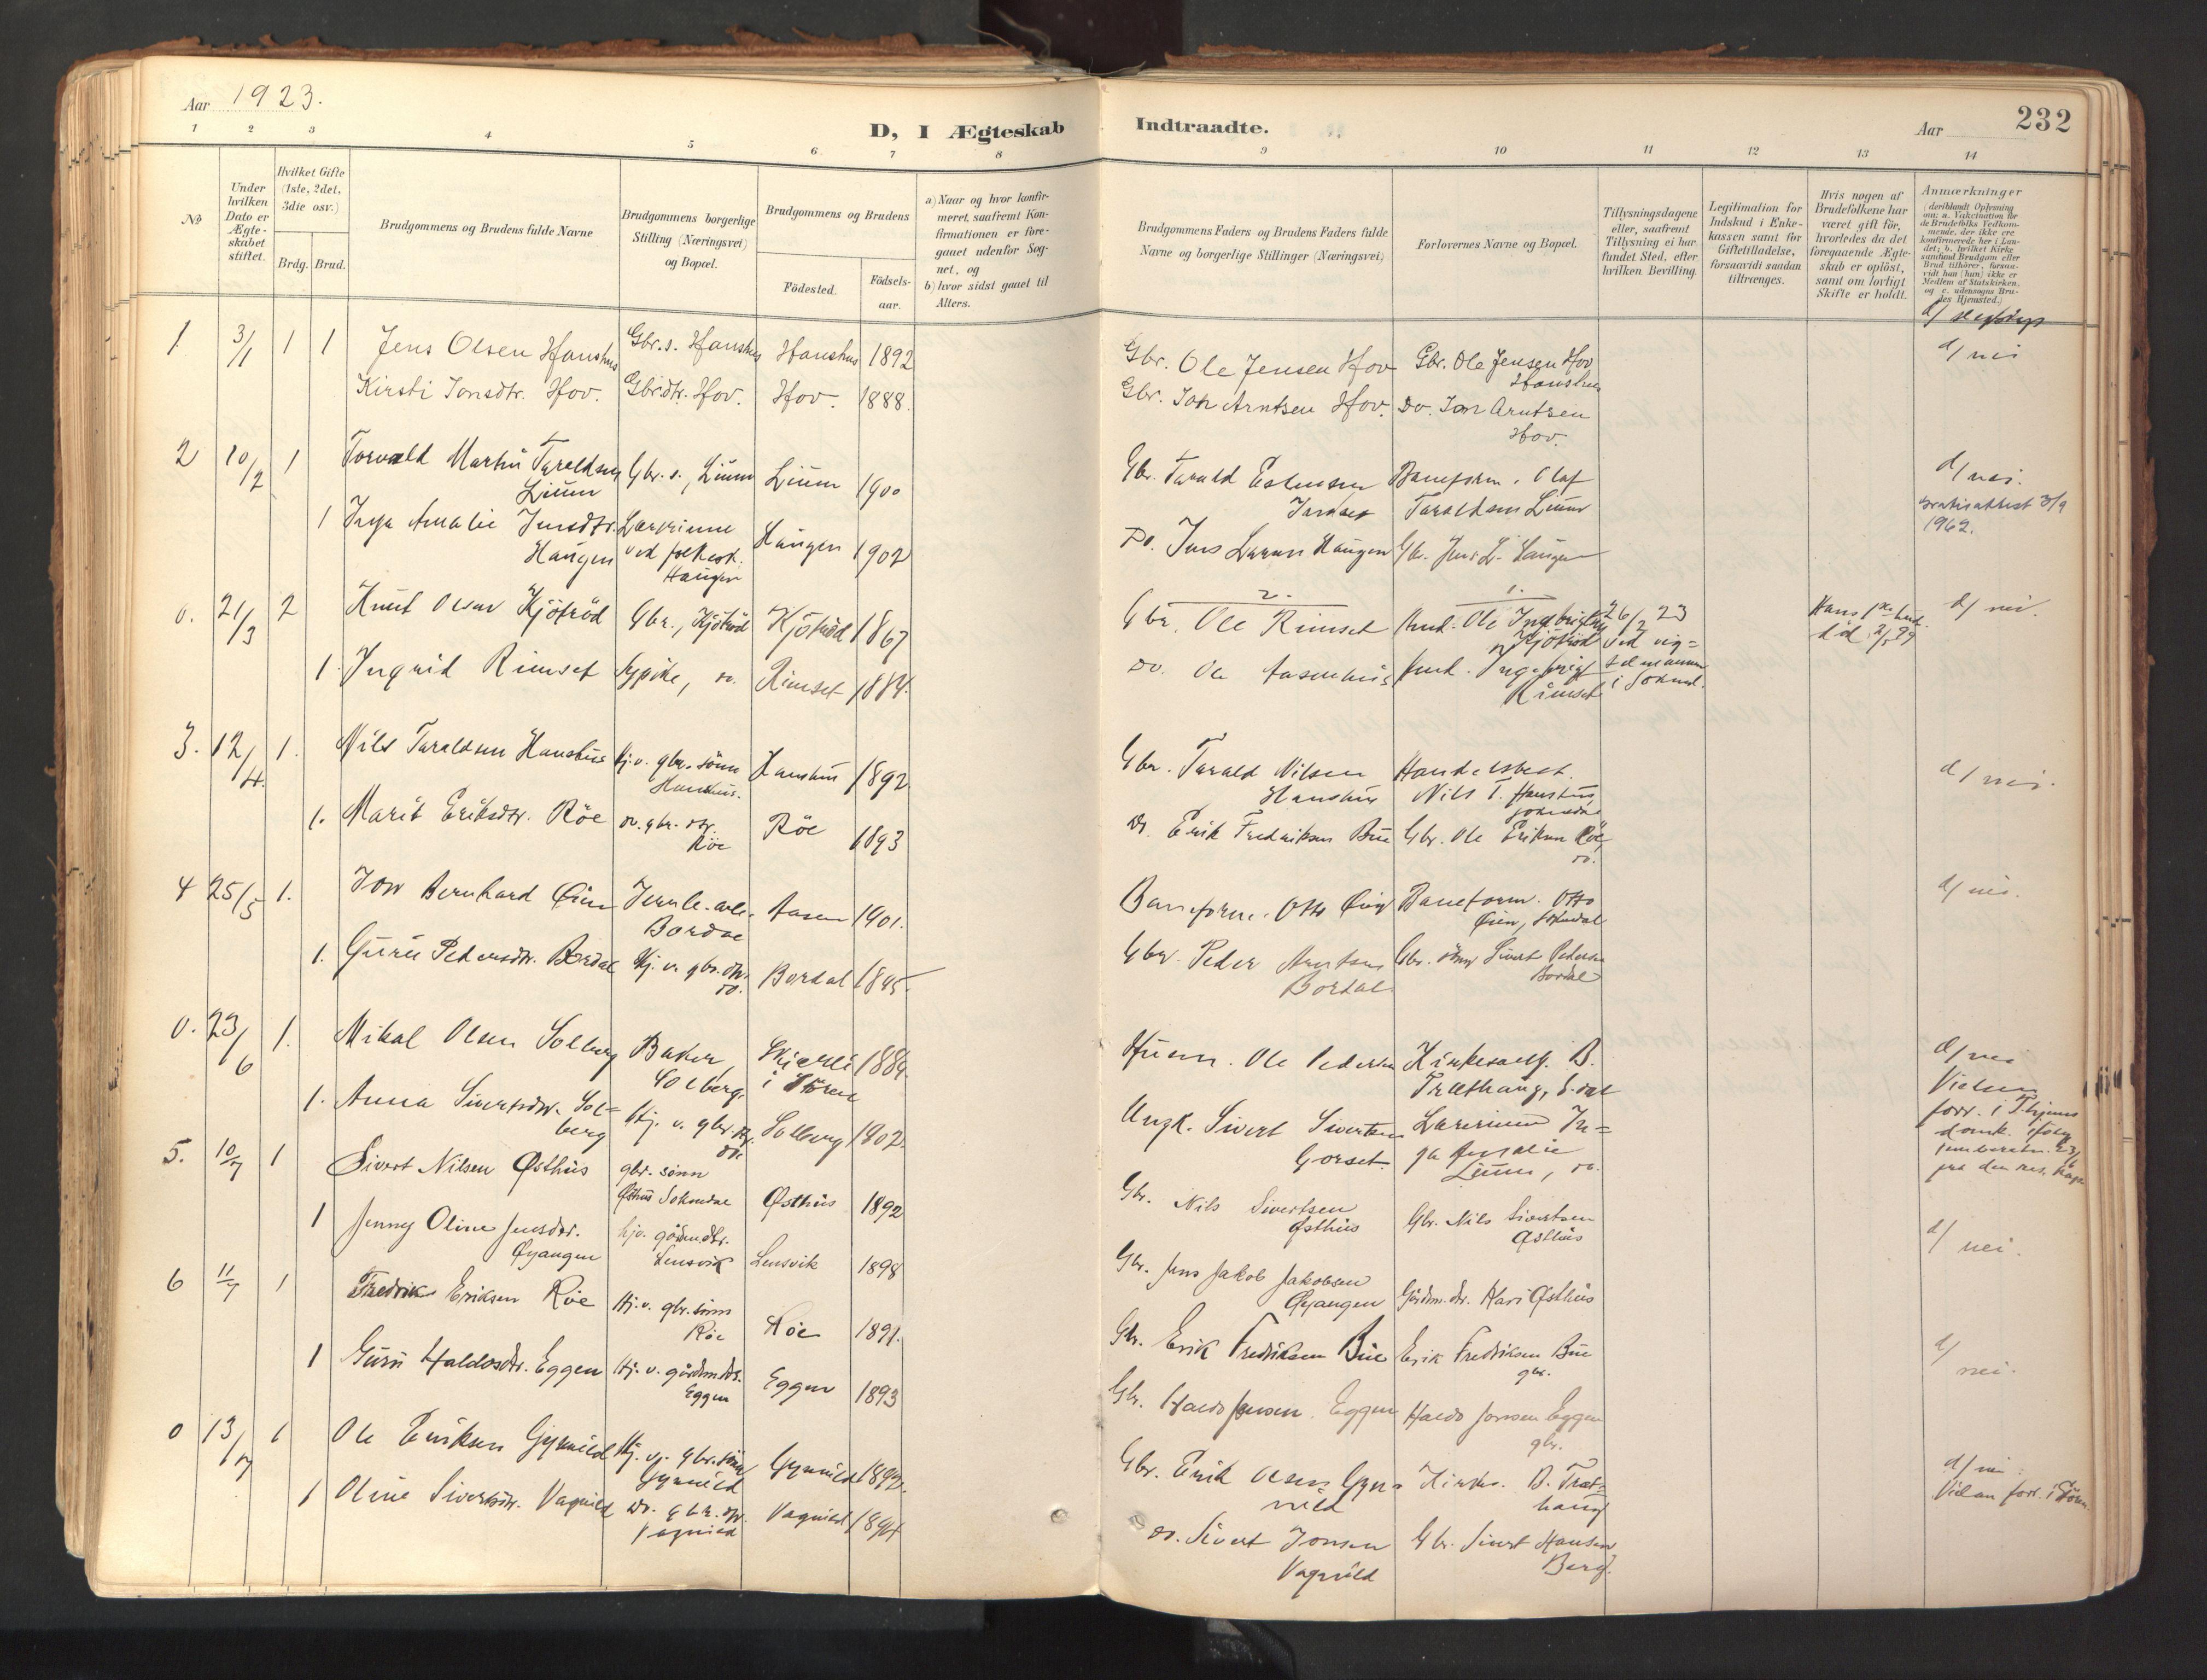 SAT, Ministerialprotokoller, klokkerbøker og fødselsregistre - Sør-Trøndelag, 689/L1041: Ministerialbok nr. 689A06, 1891-1923, s. 232